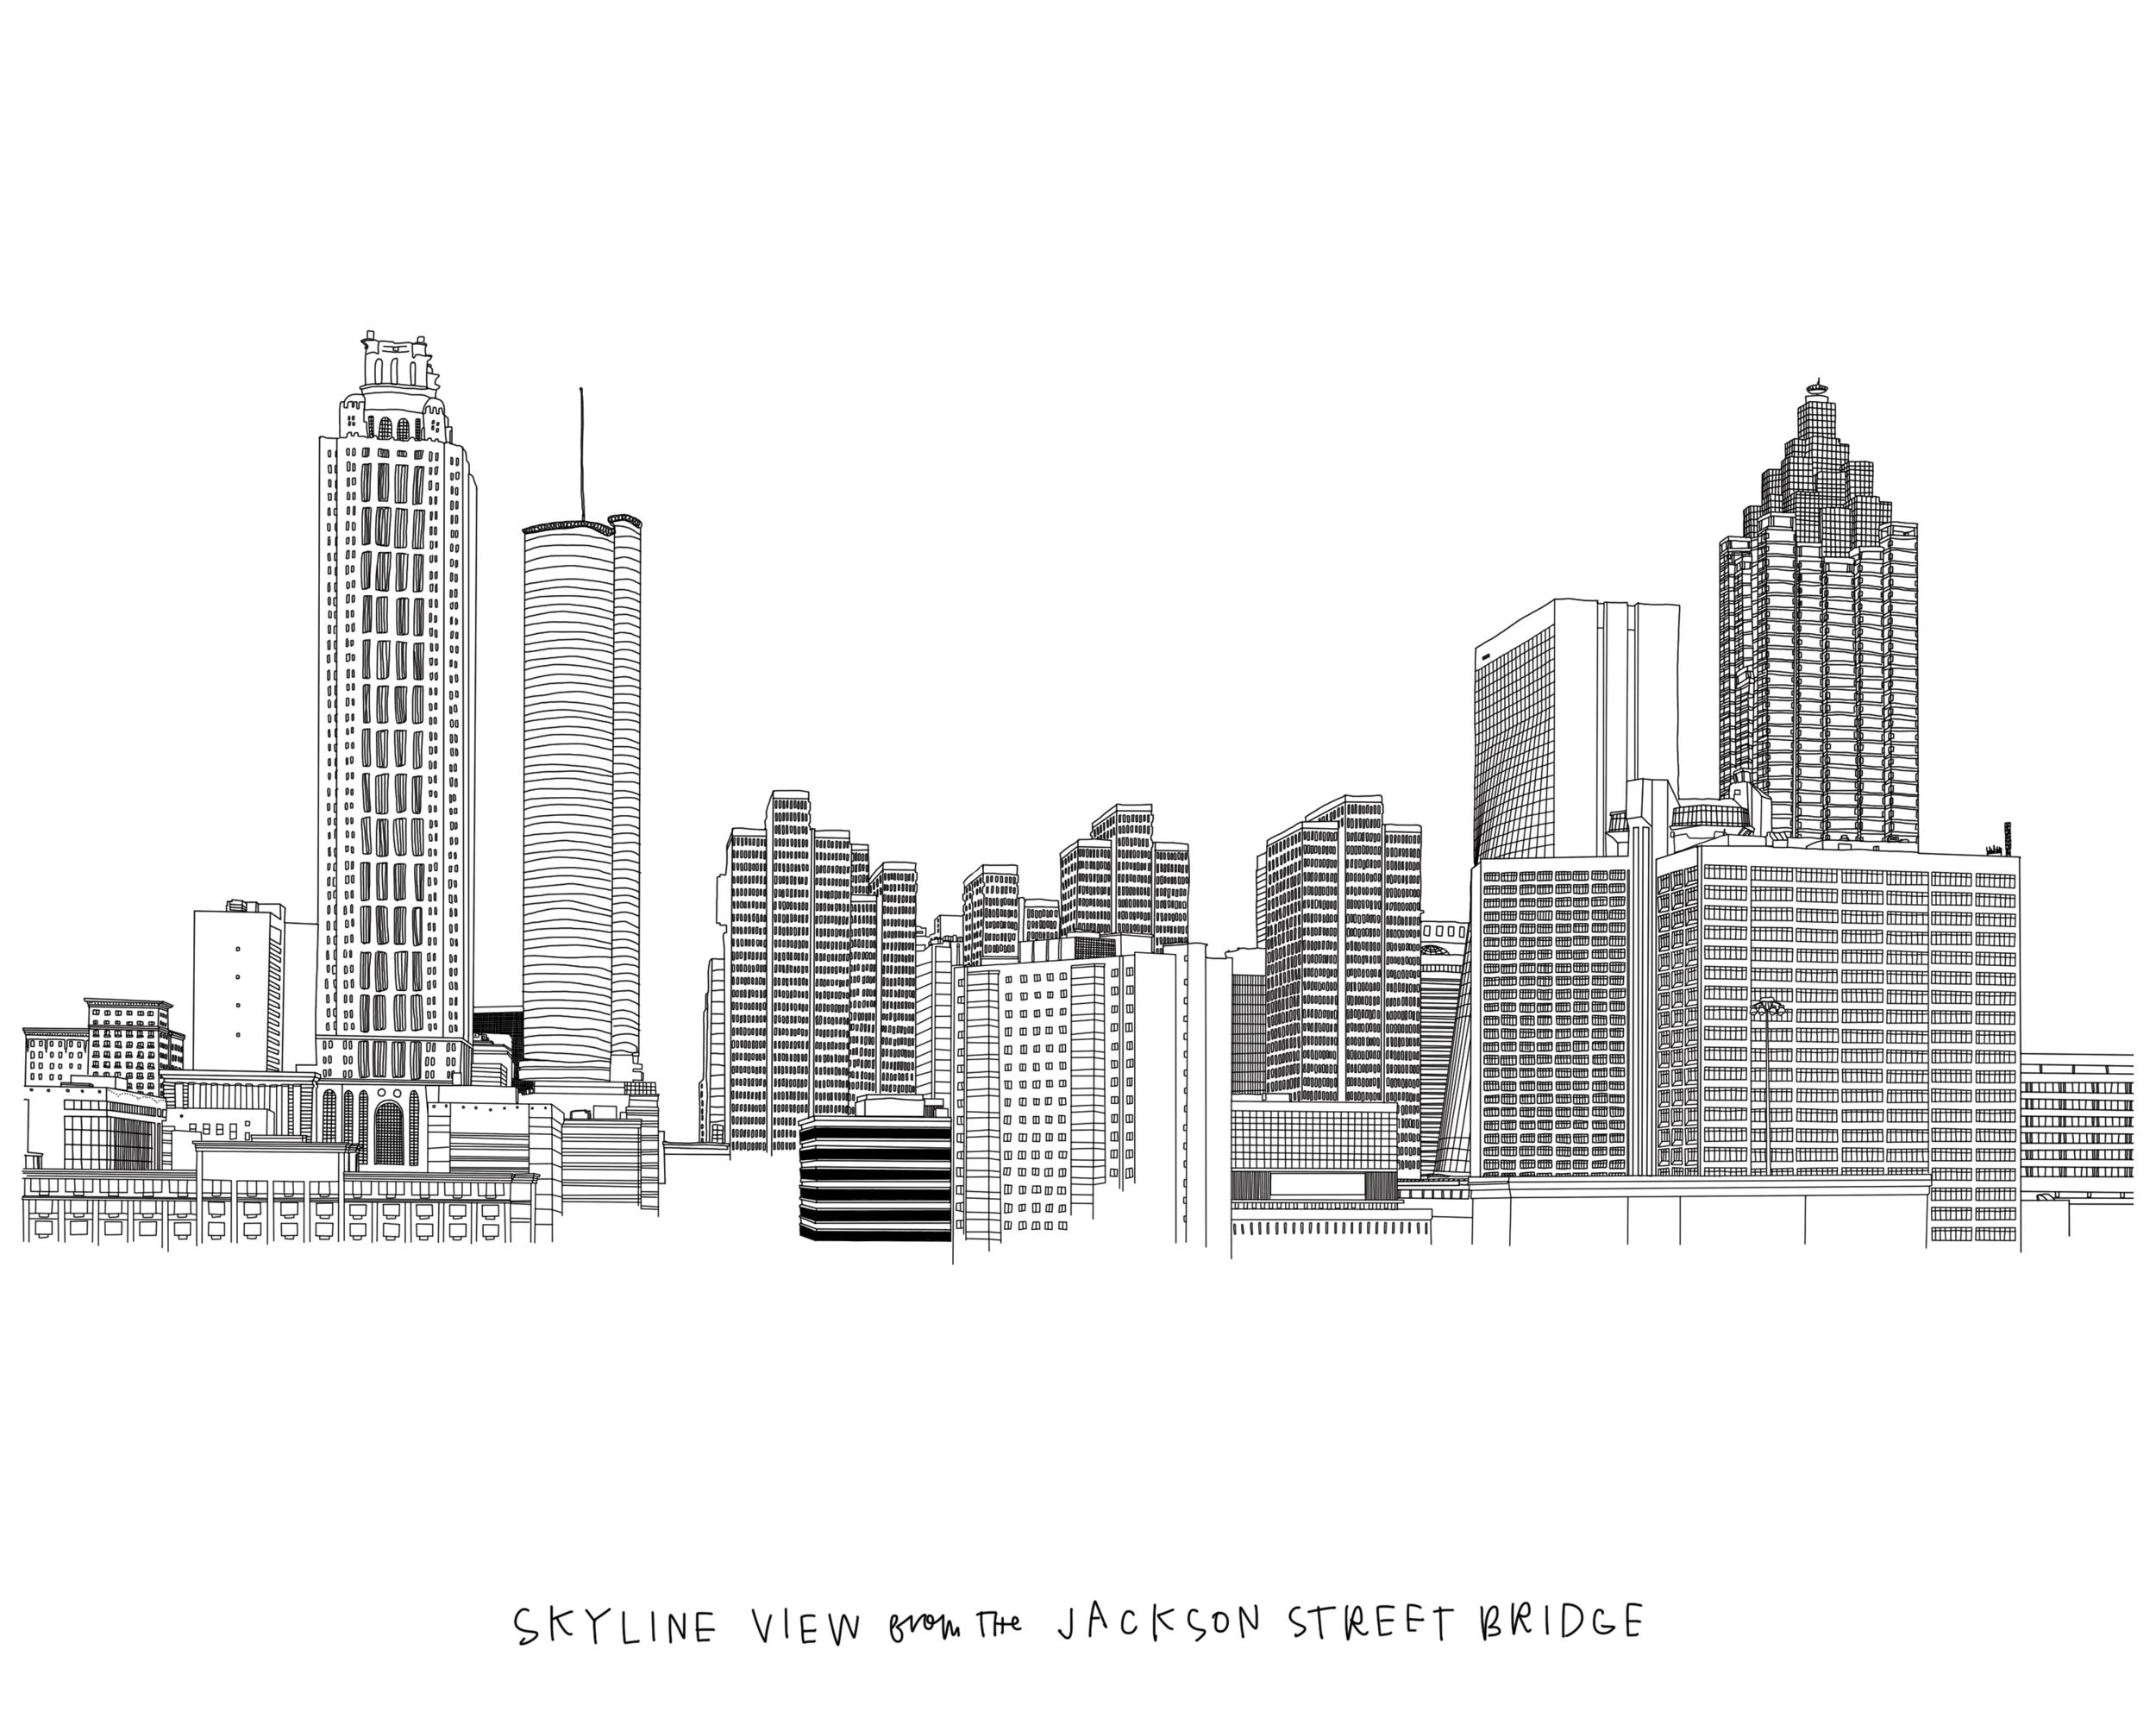 skyline_lettered.png